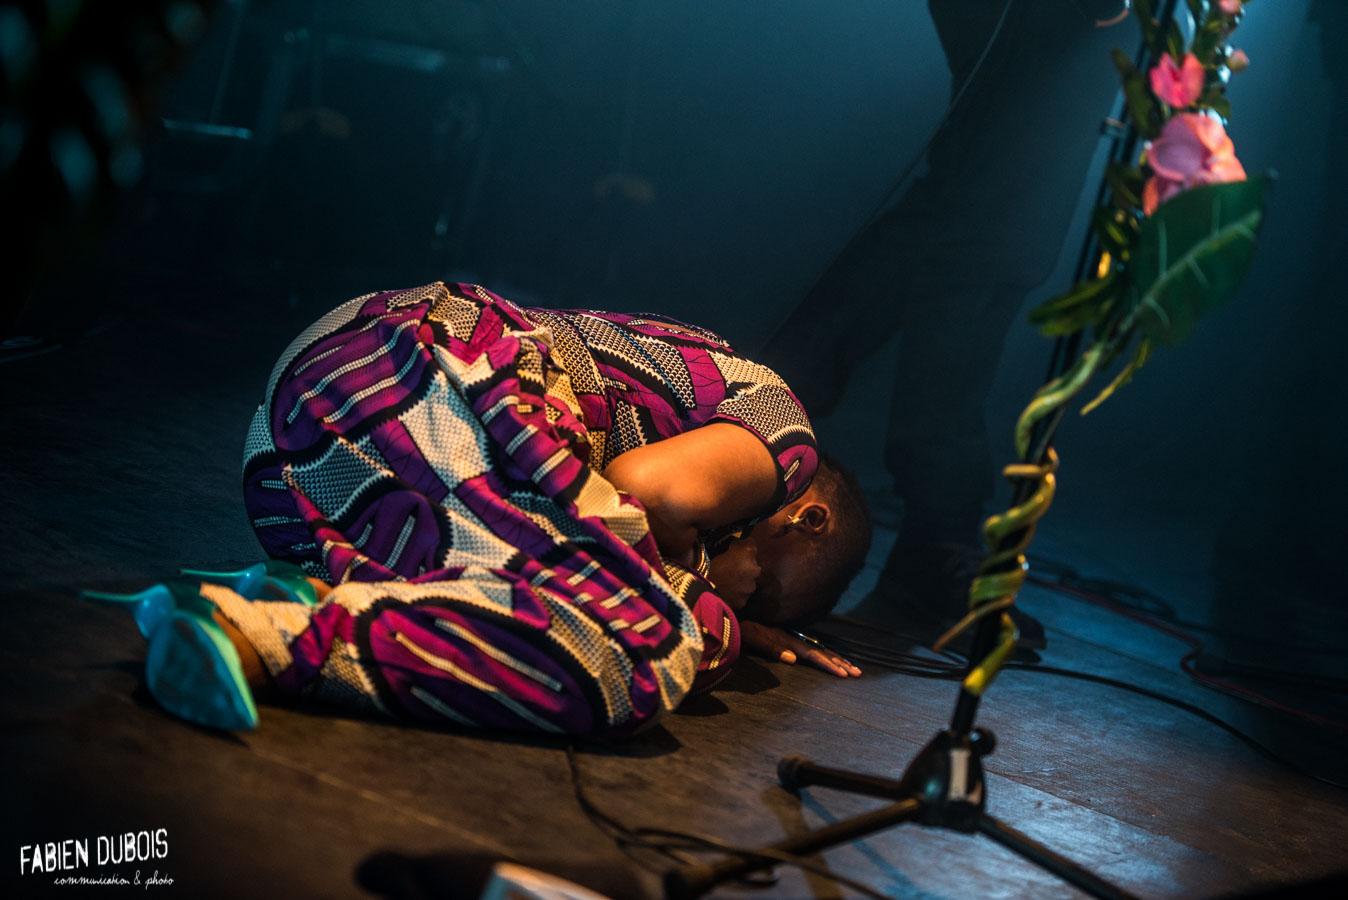 Photo Tanika Charles Cave à Musique Cavazik Mâcon 2018